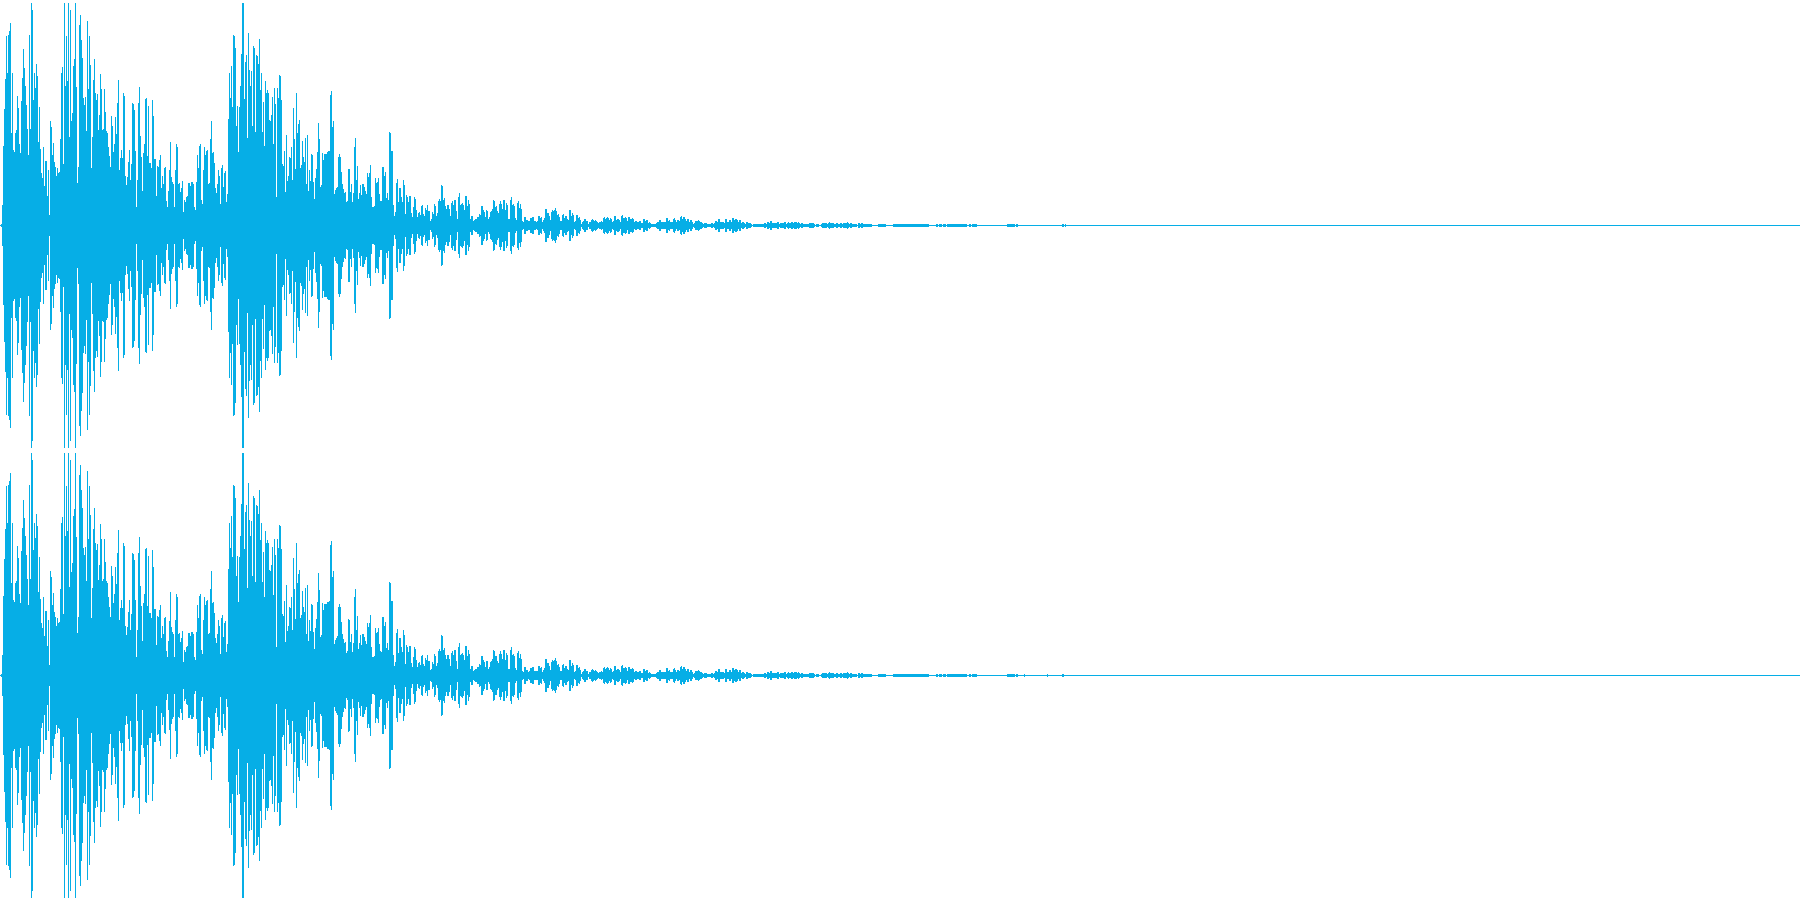 [[ドドンドン!]] 和太鼓の音 3発 の再生済みの波形